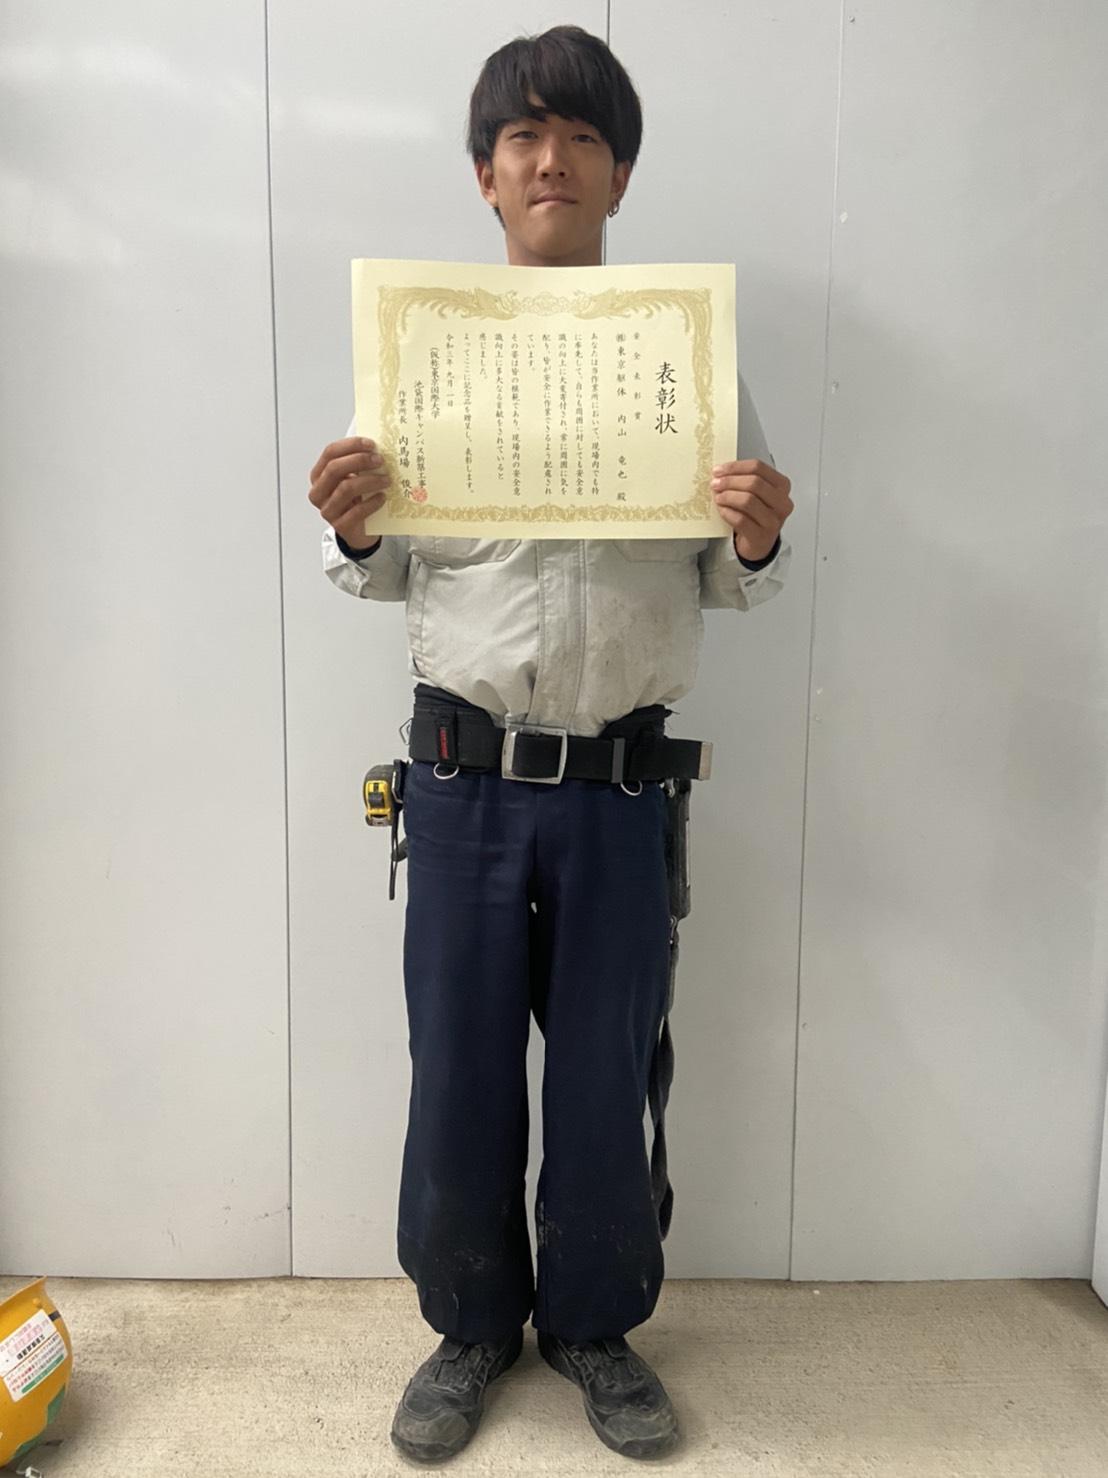 安全表彰受賞おめでとうございます!